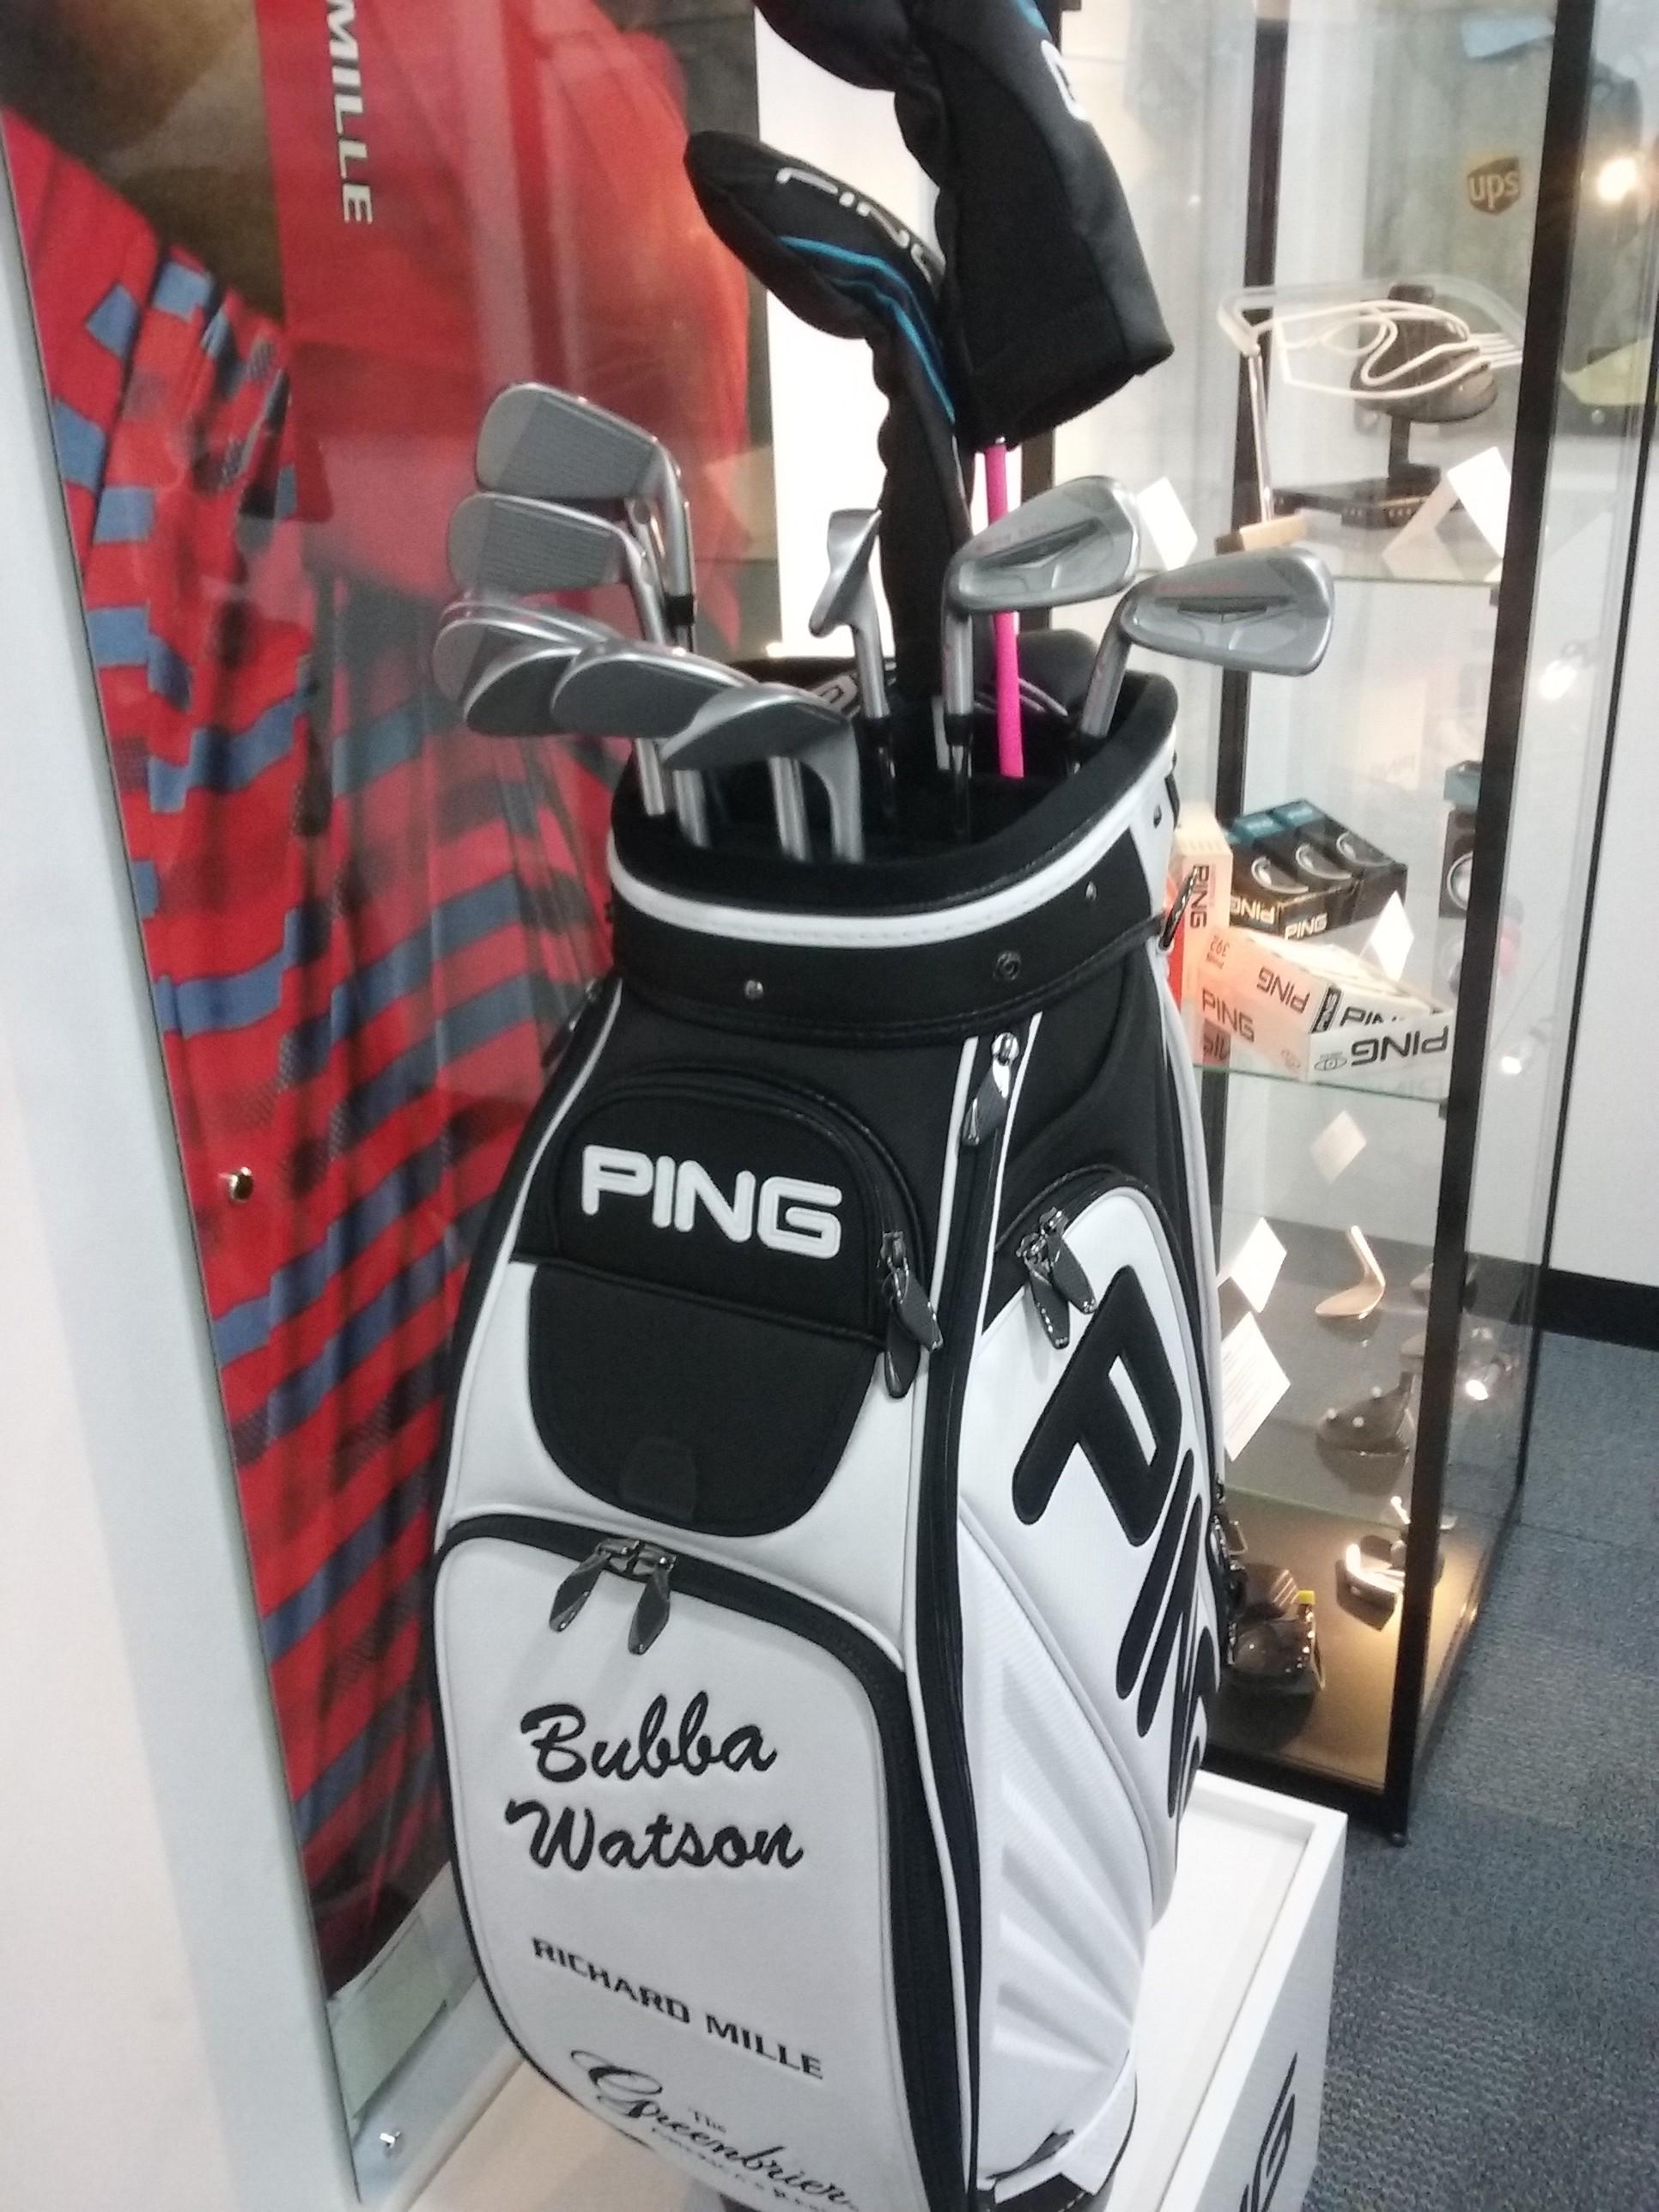 Bubba's bag